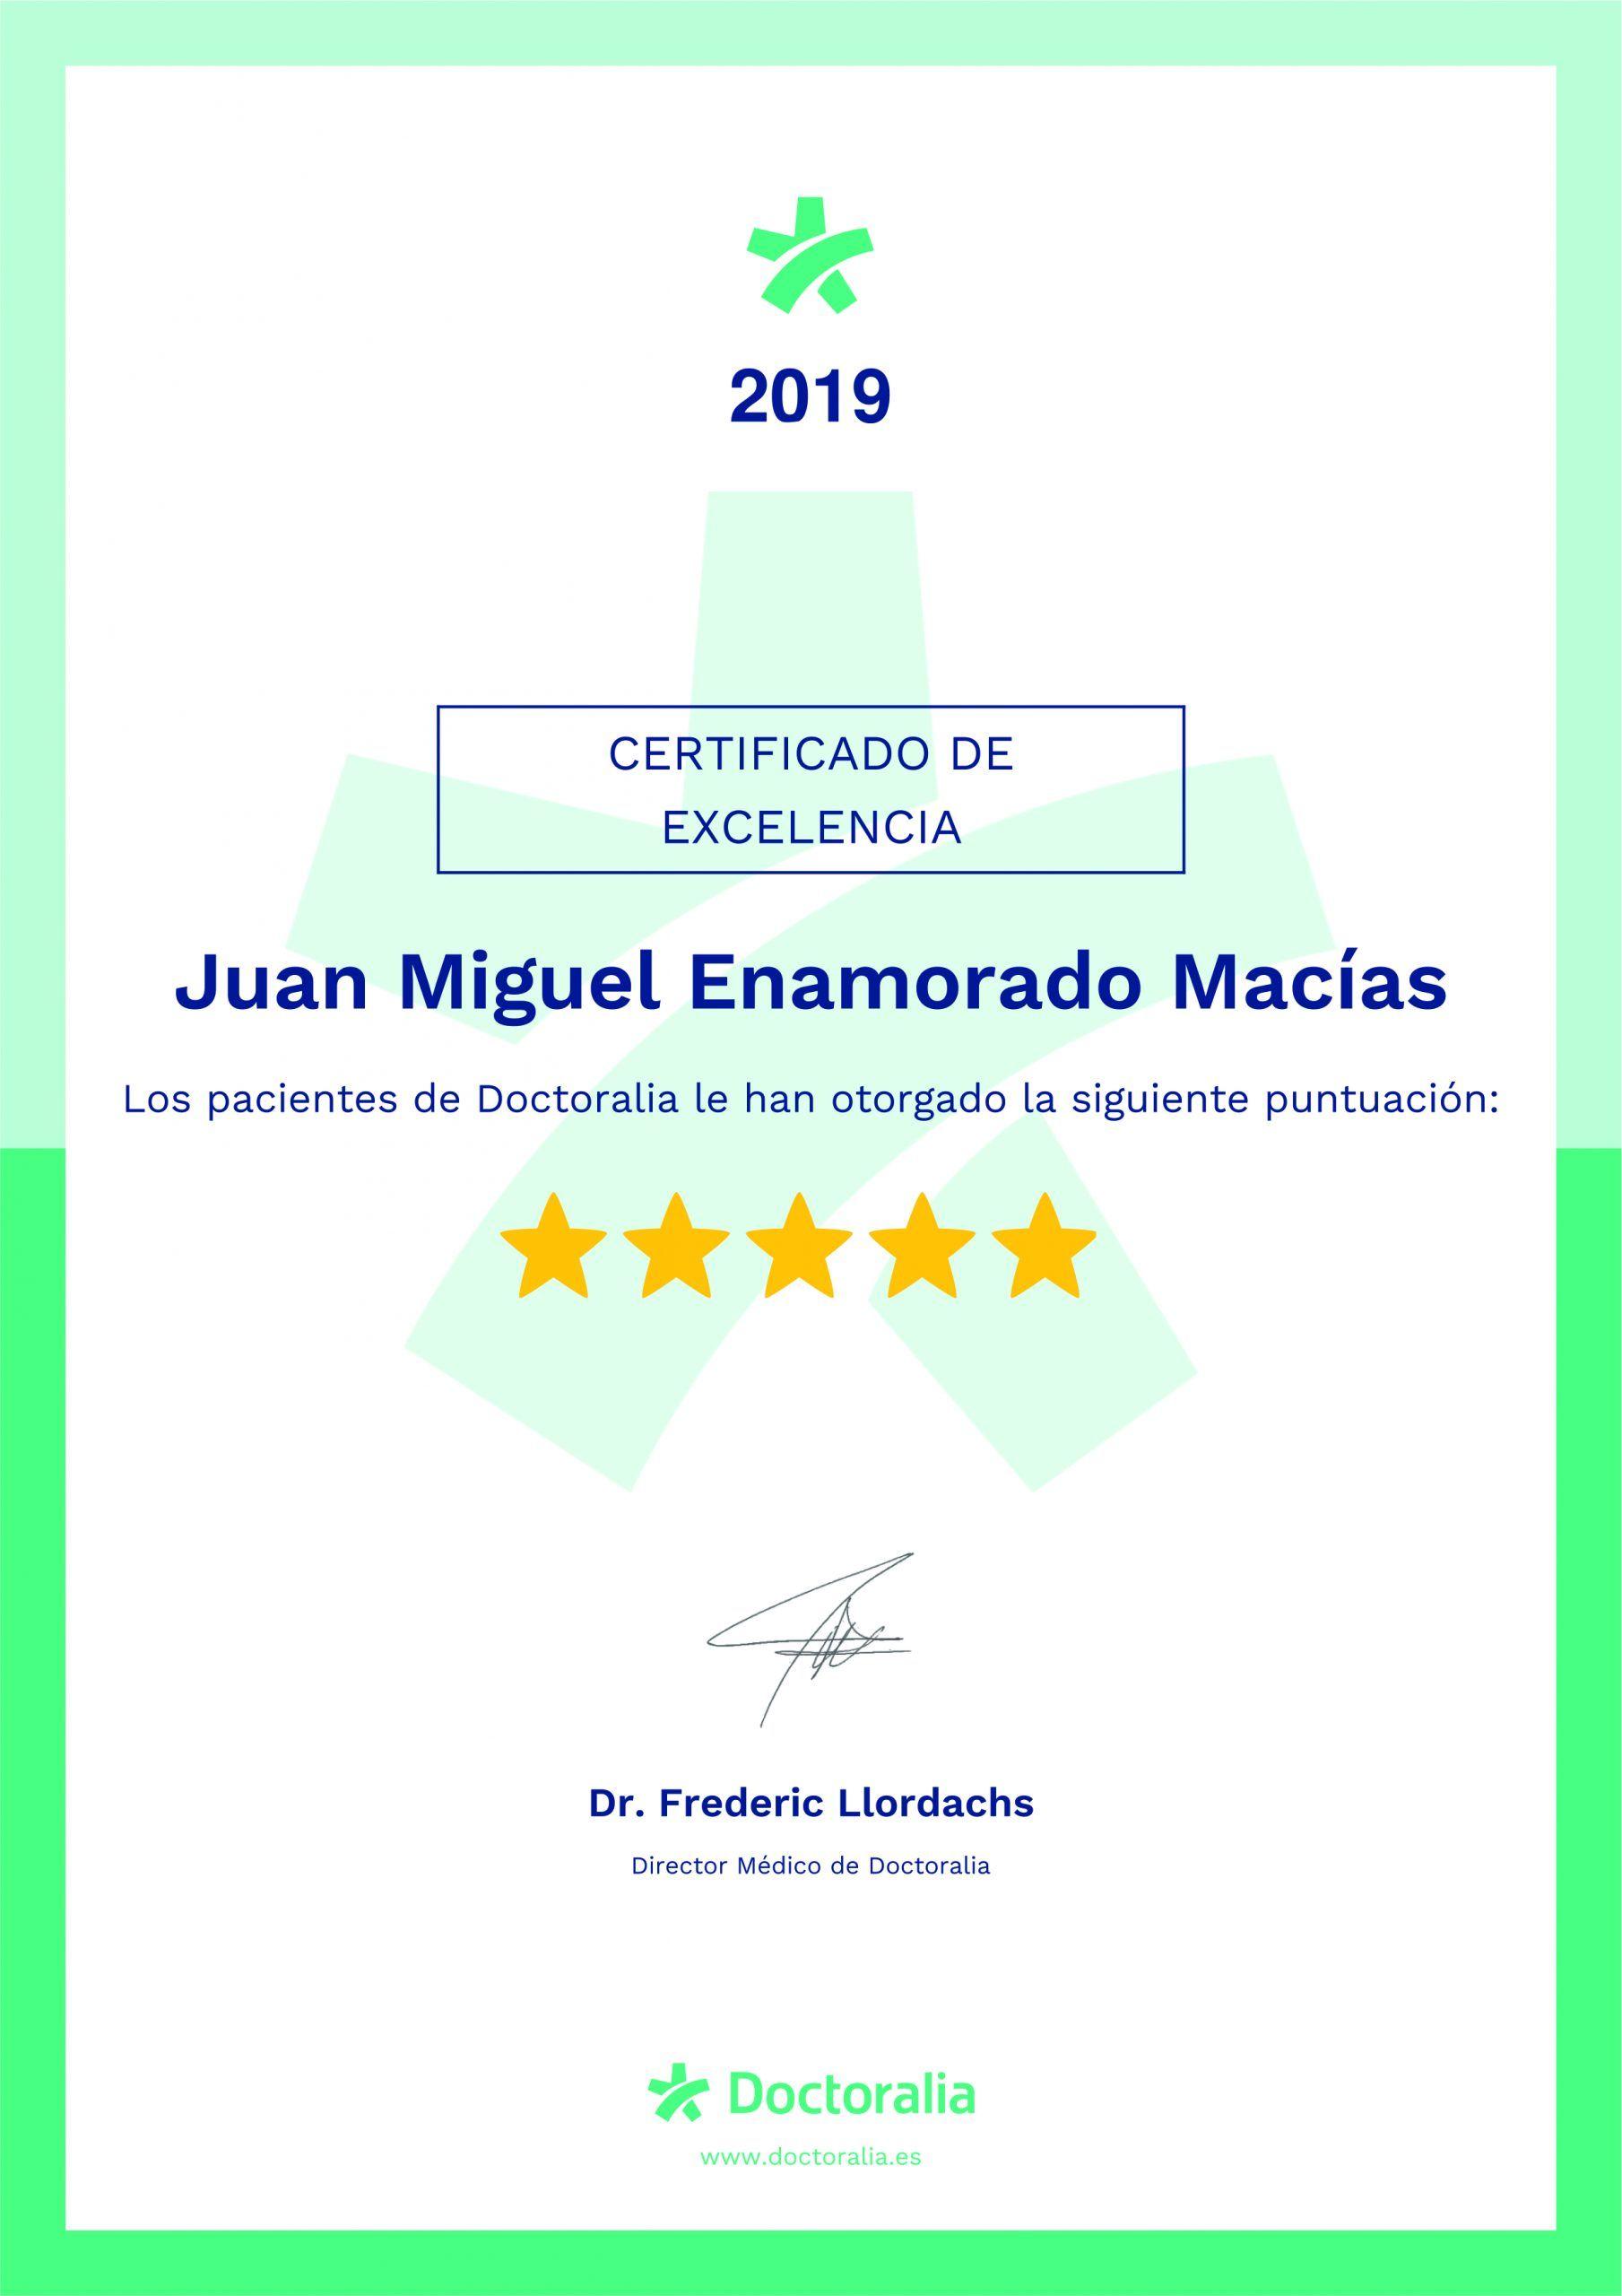 Certificado de calidad Doctoralia 2019 724x1024 1